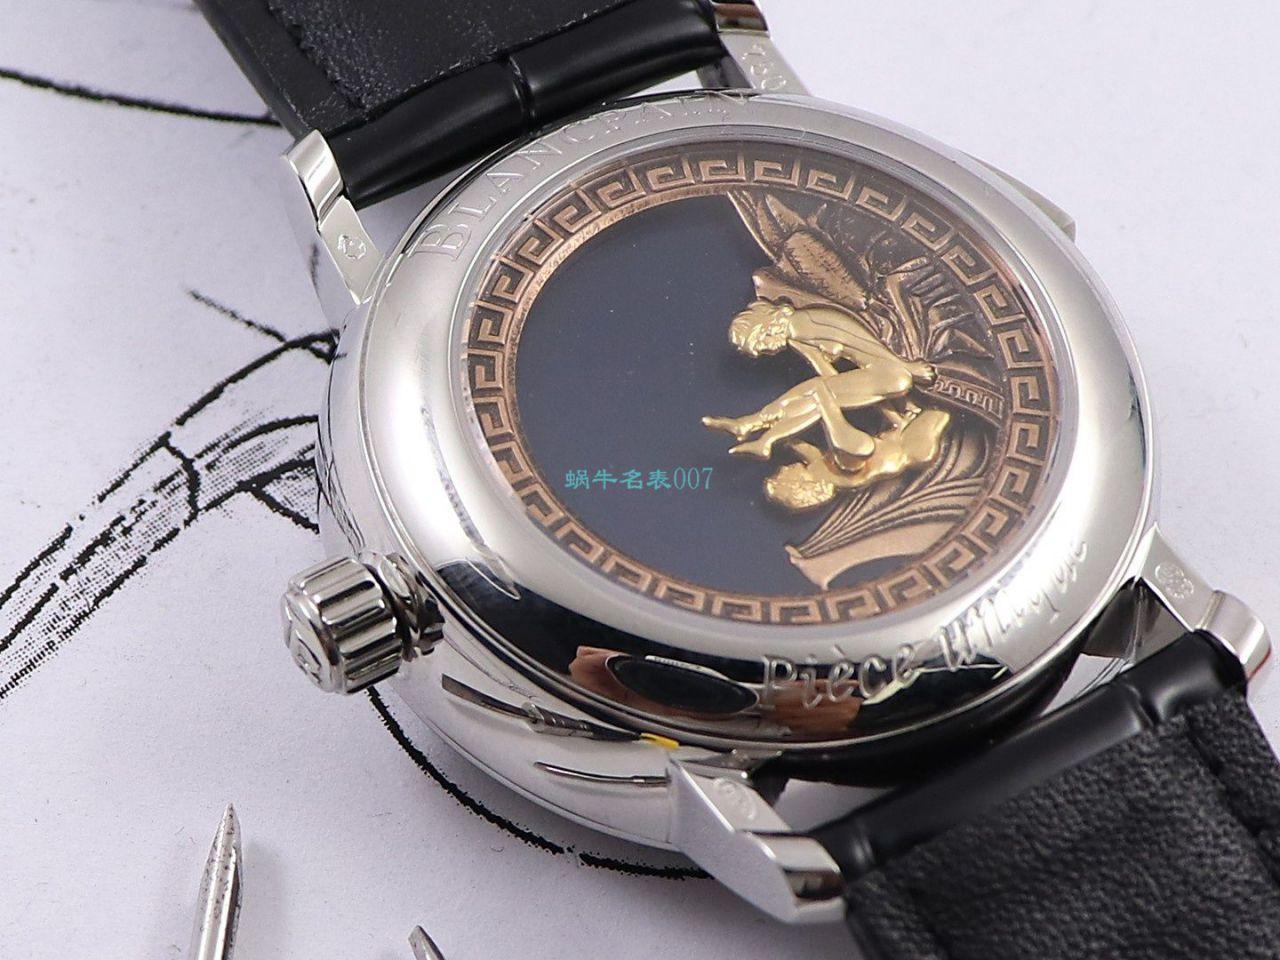 ZS厂精仿手表宝珀经典春宫6033-3642-55腕表 / BP072ZS